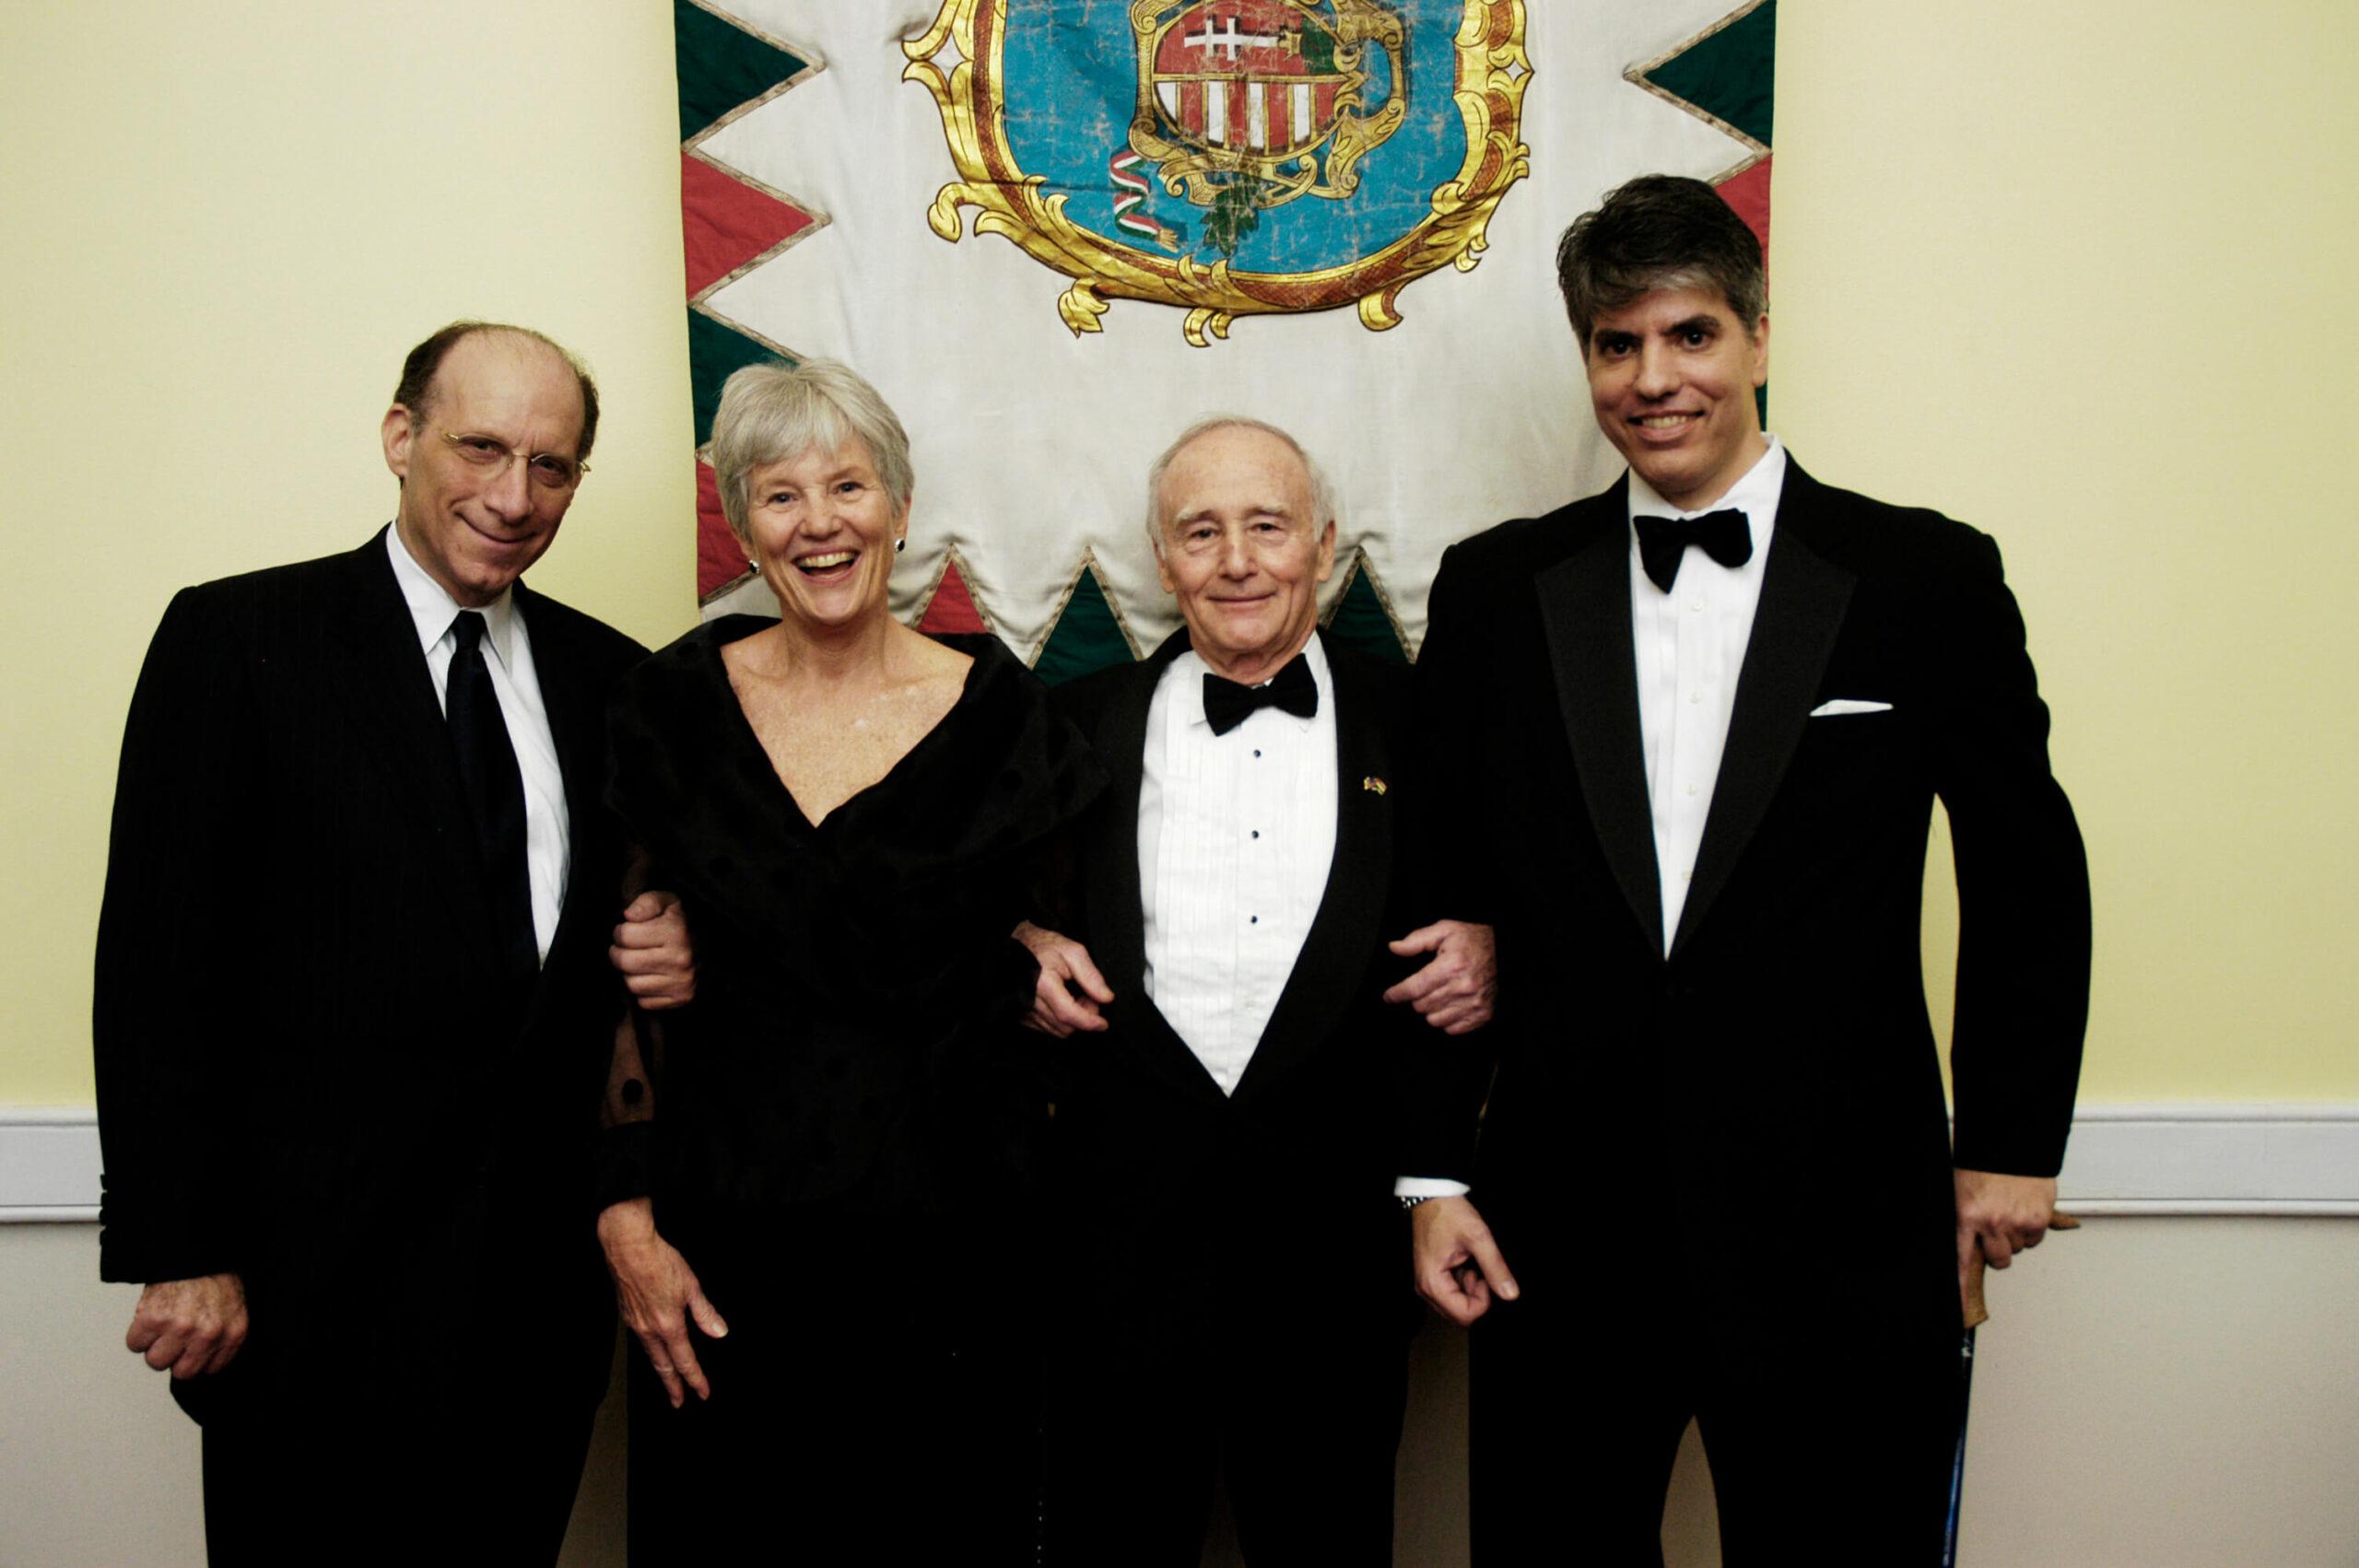 Mr. Philip A. Aronoff, Mrs. Carol Walker, Amb. George Herbert Walker, Mr. Maximilian Teleki